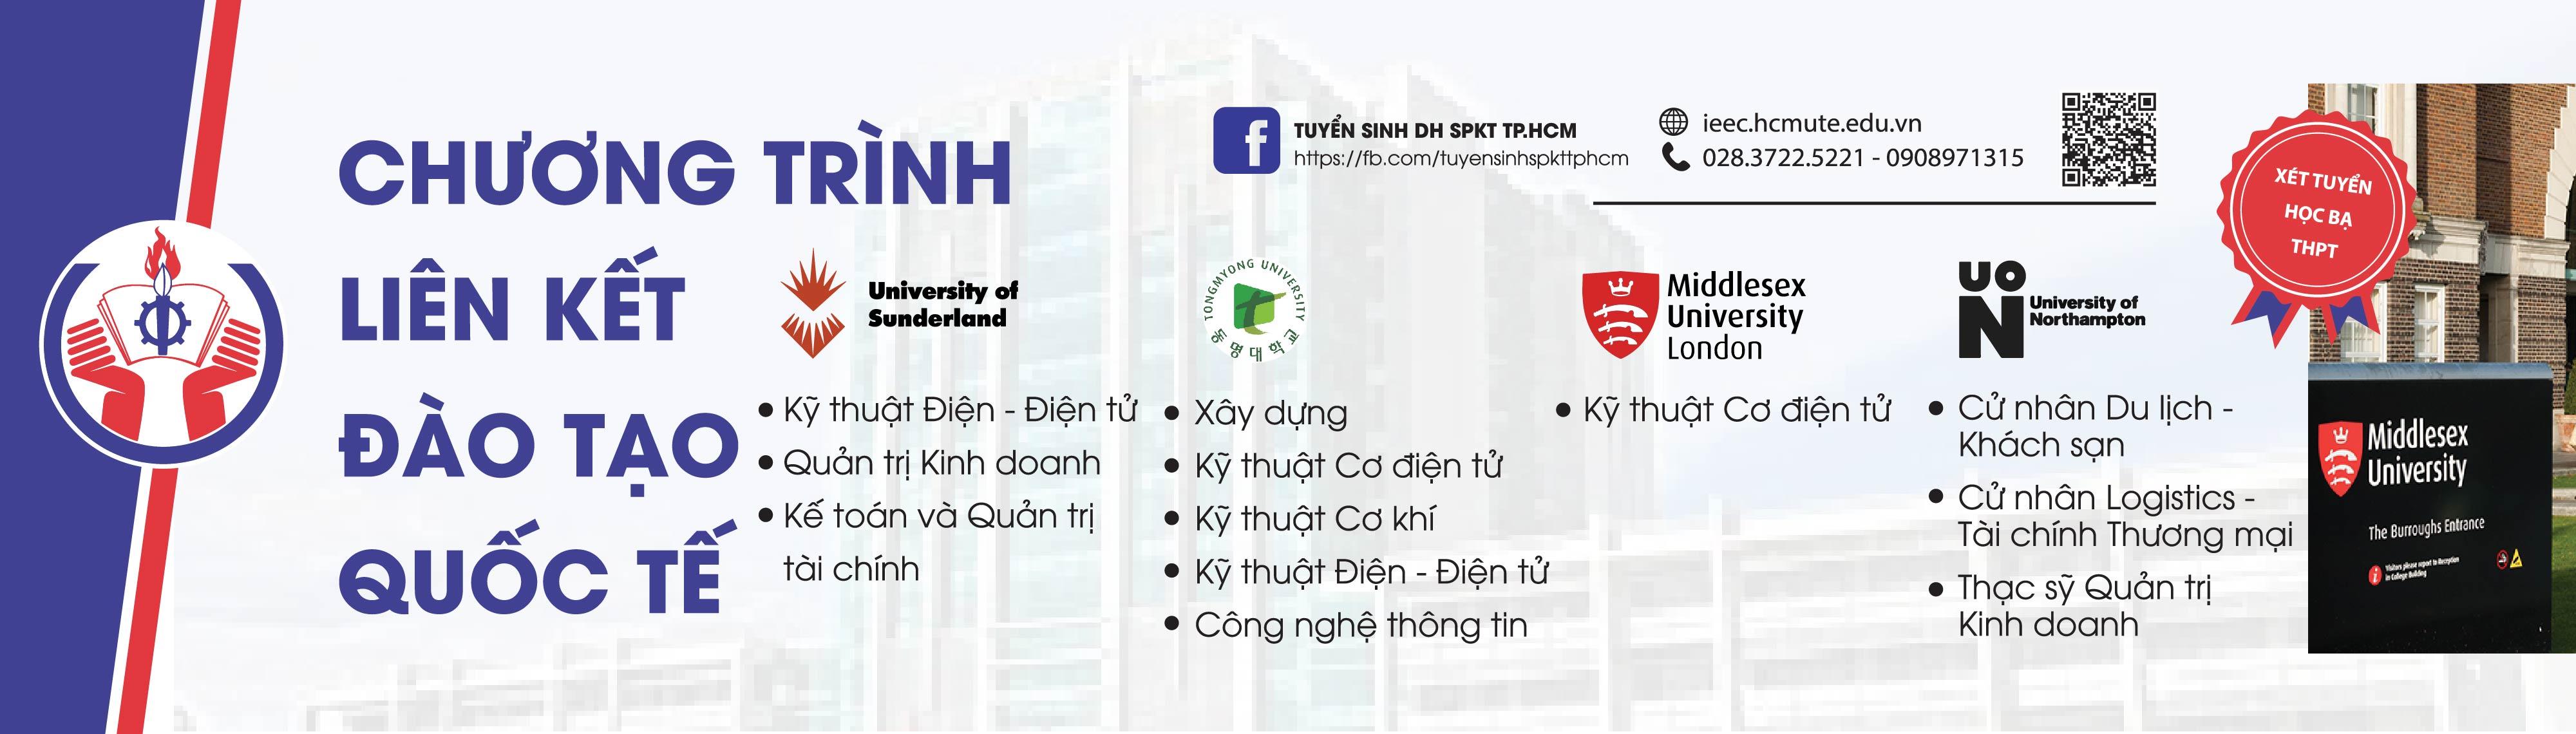 HCMUTE - ĐH SPKT Tuyển sinh 2019 | Đại học Sư phạm Kỹ thuật TPHCM